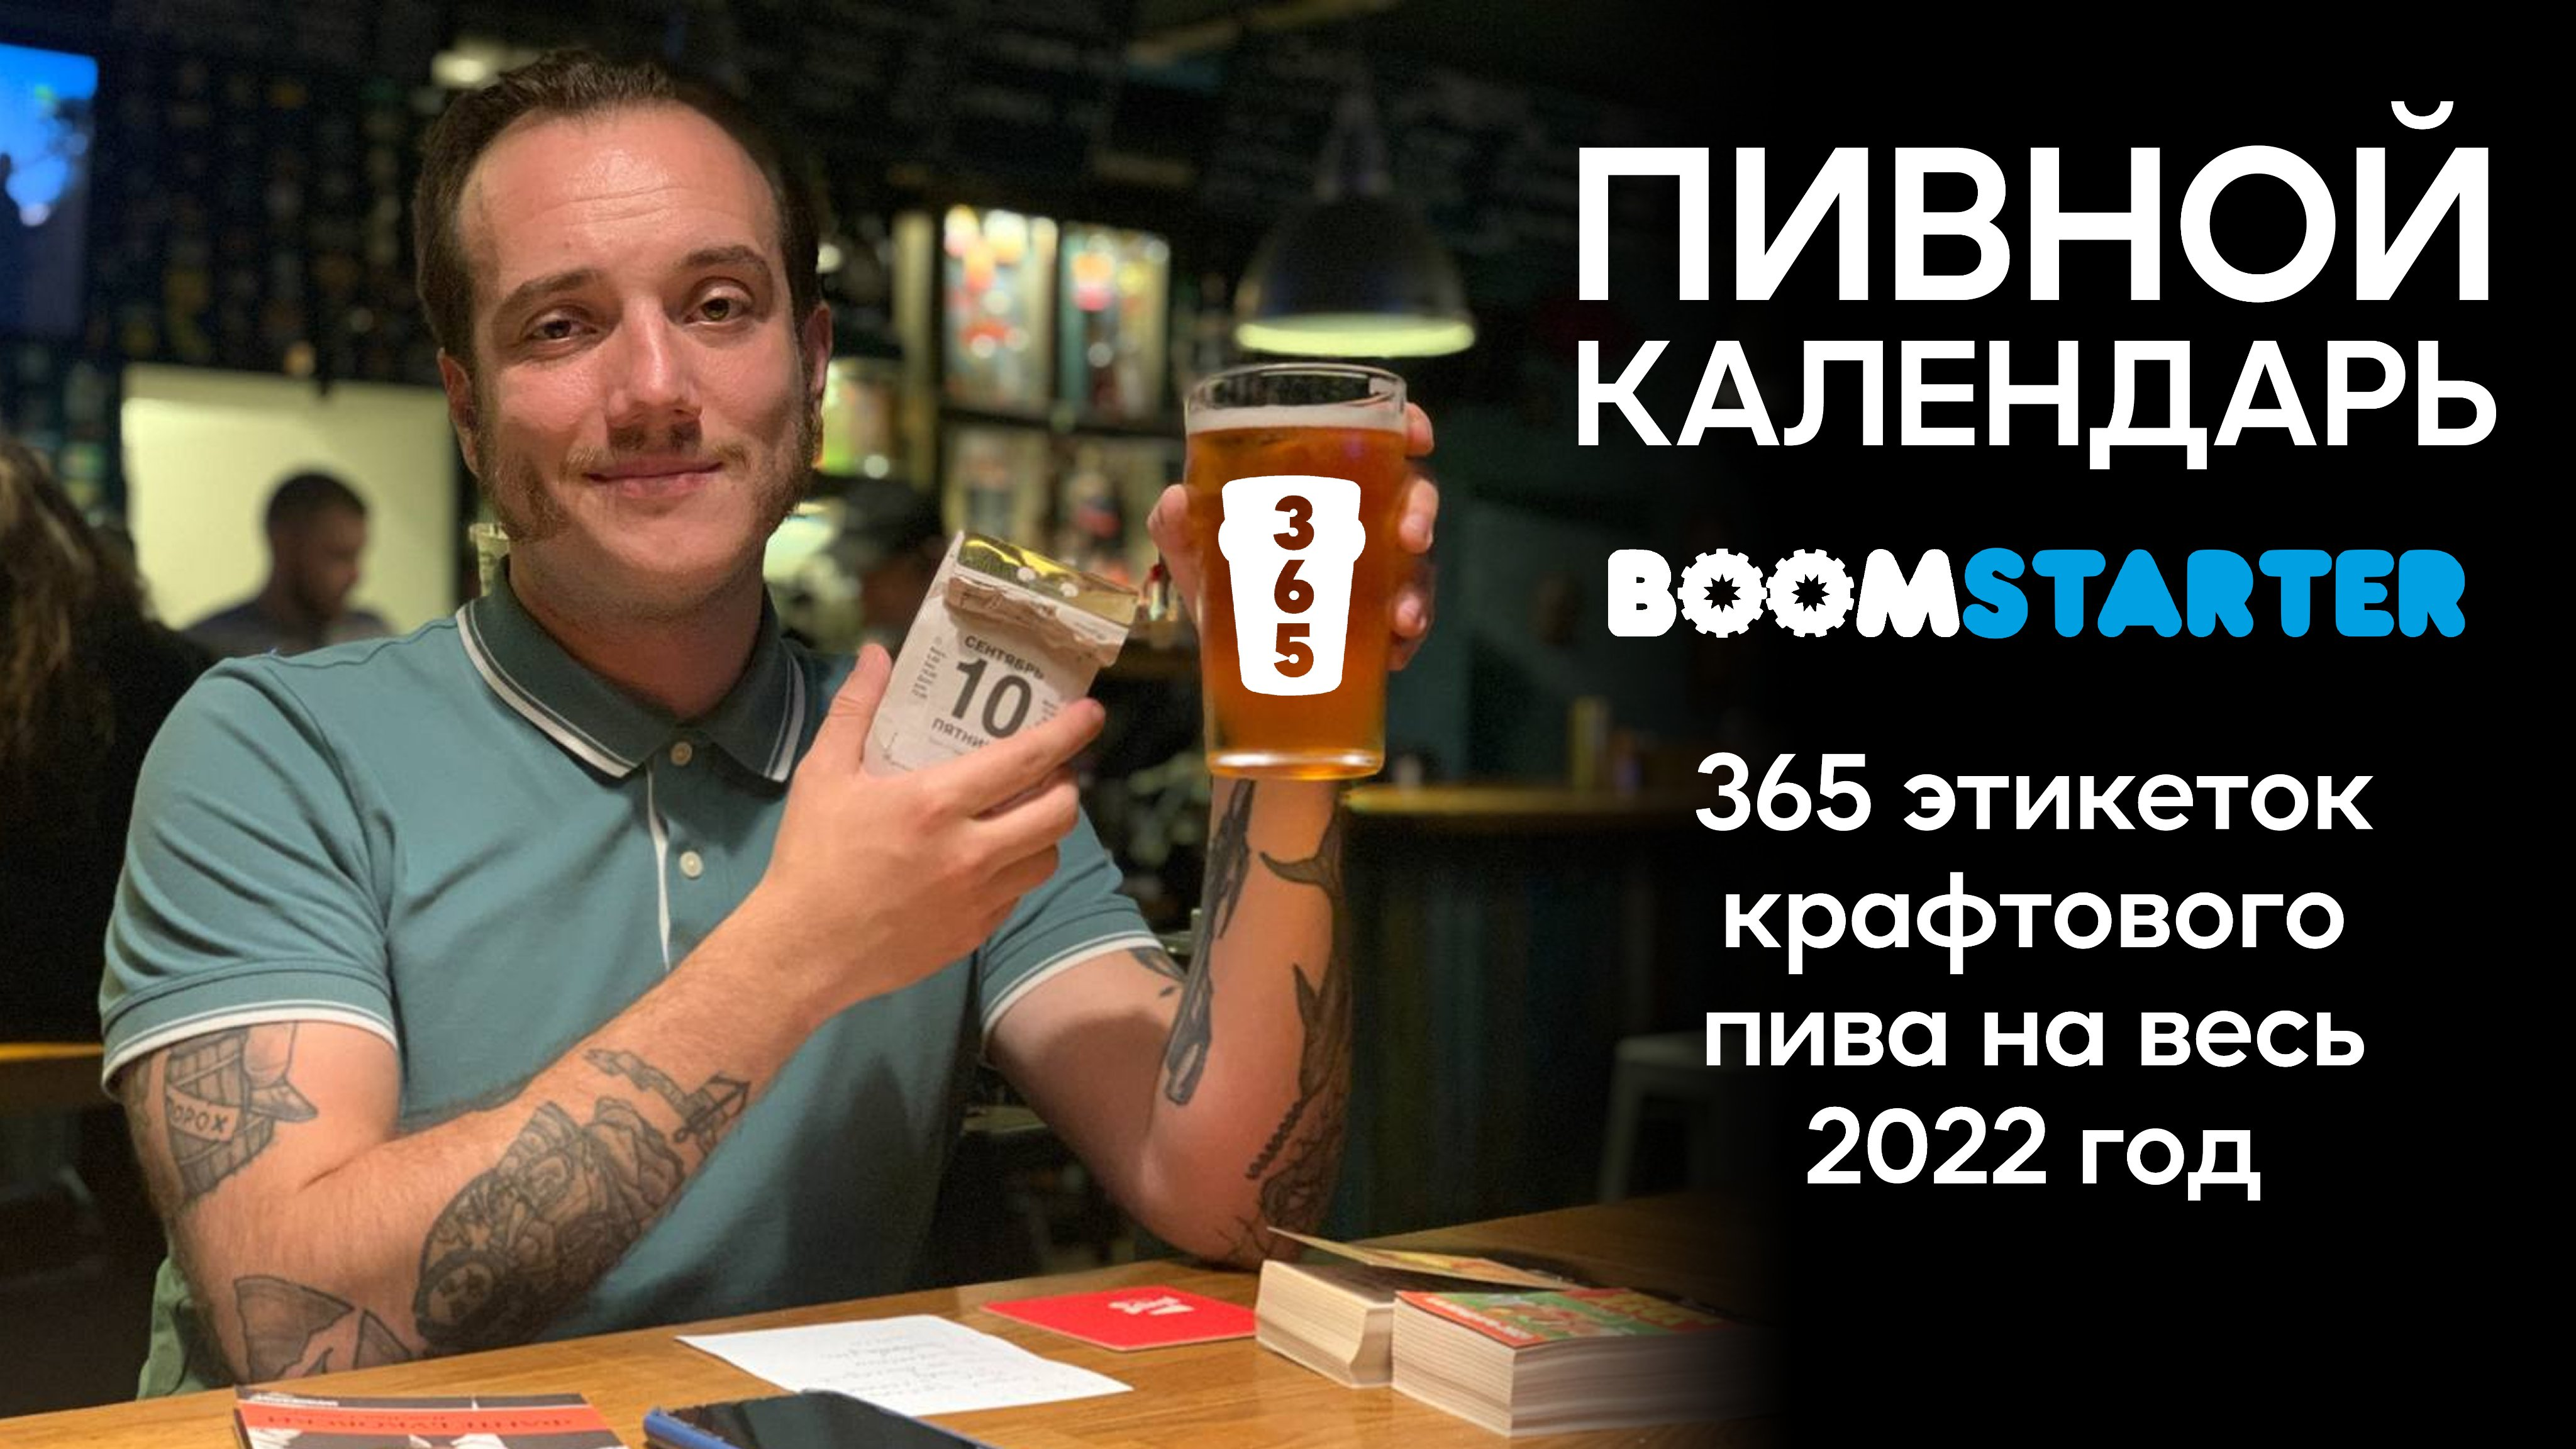 В России выпустят отрывной календарь с этикетками крафтового пива